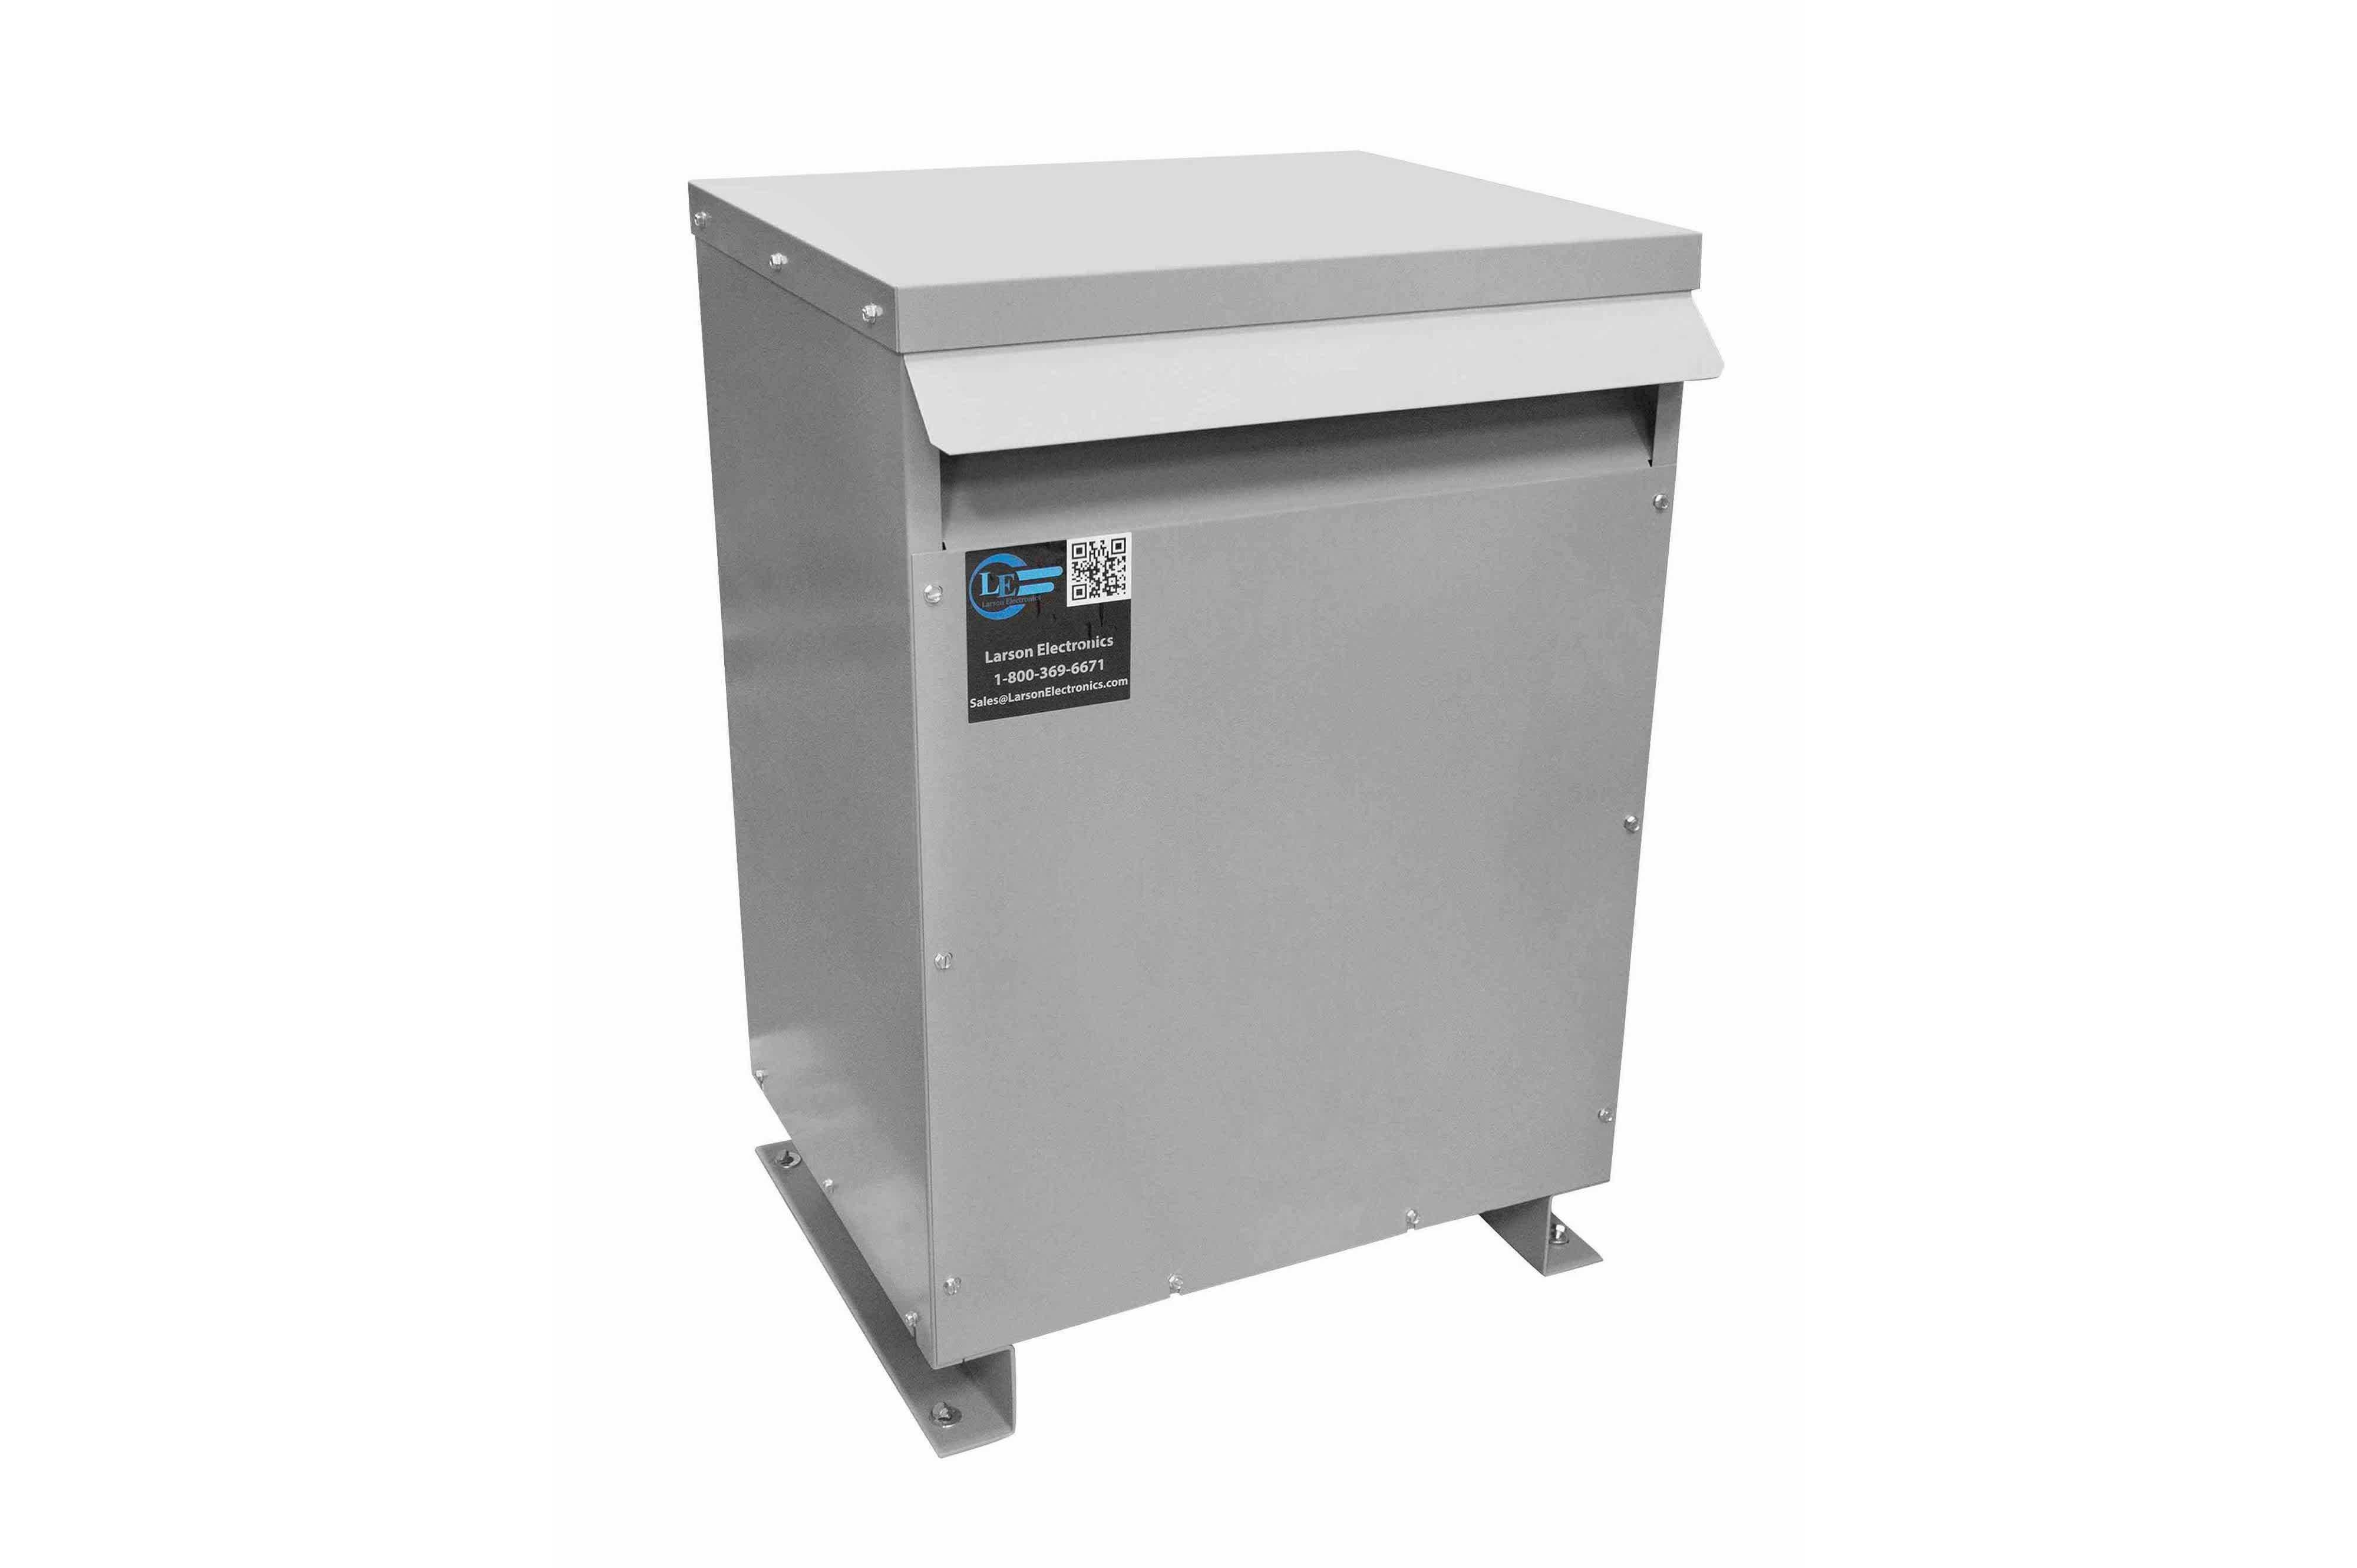 90 kVA 3PH Isolation Transformer, 240V Delta Primary, 480V Delta Secondary, N3R, Ventilated, 60 Hz